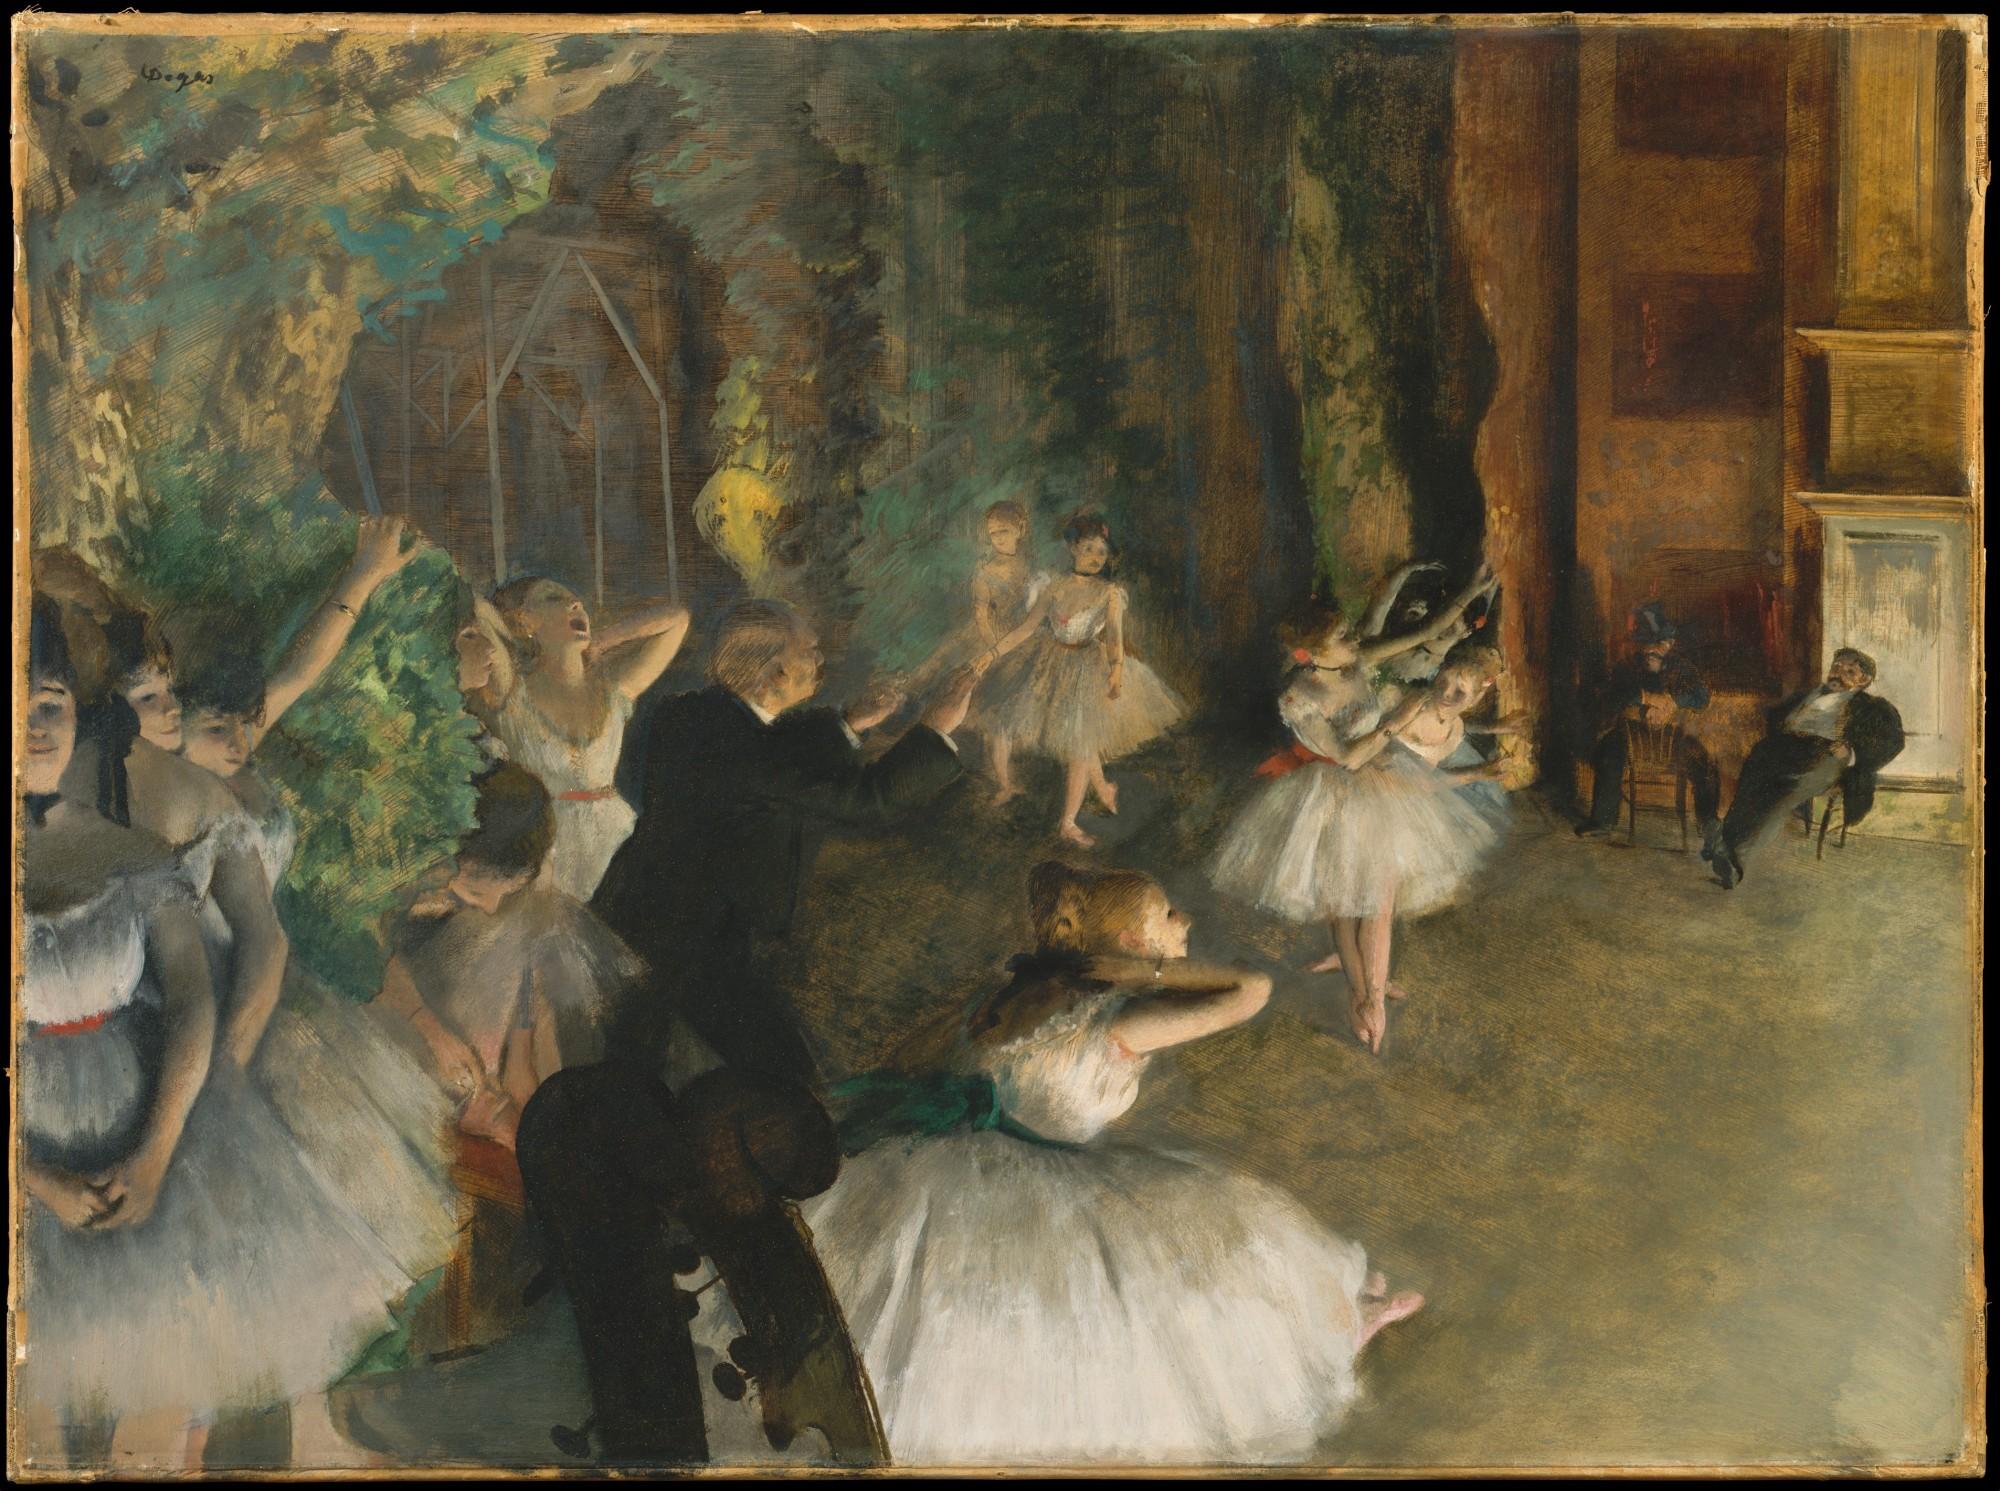 Edgar Degas, Ballettprobe auf der Bühne, um 1874. Ölfarben, gemischt mit Terpentin, mit Spuren von Aquarell und Pastell über Tuschzeichnung auf cremefarbenem Velinpapier, 54,3 x 73 cm. The Metropolitan Museum of Art, New York.